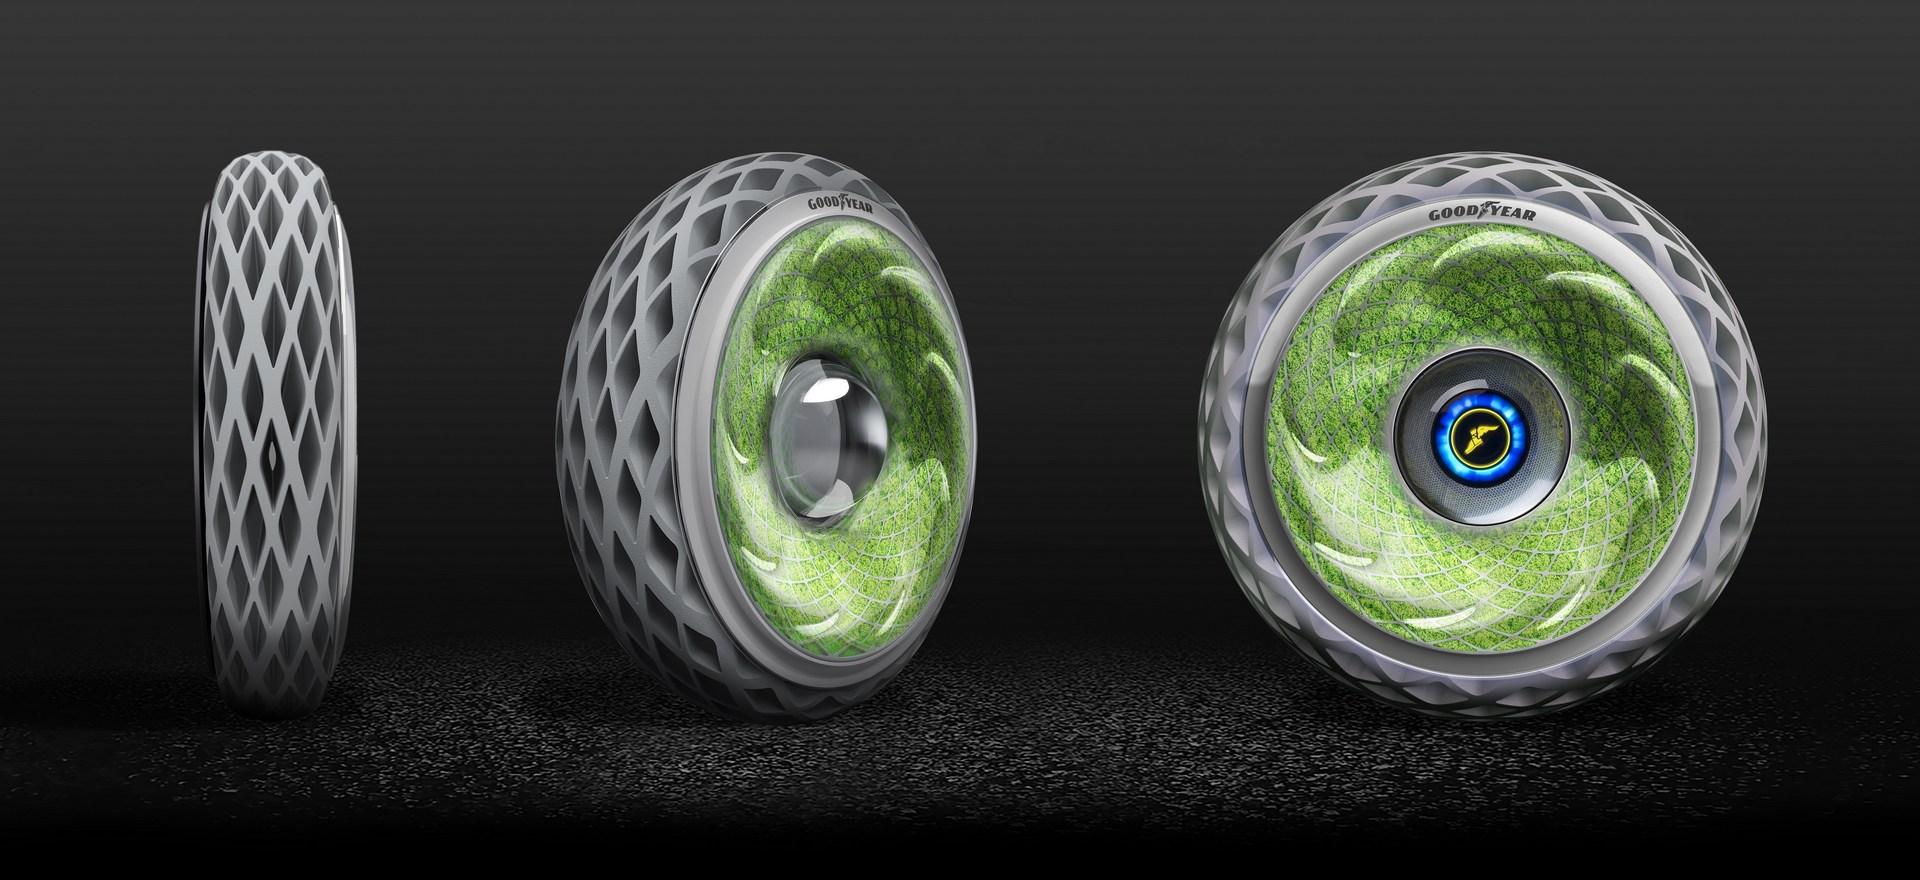 برانید و اکسیژن تولید کنید/ تایرهایی پوشیده از خزه که سلامت مردم شهر کمک خواهند کرد